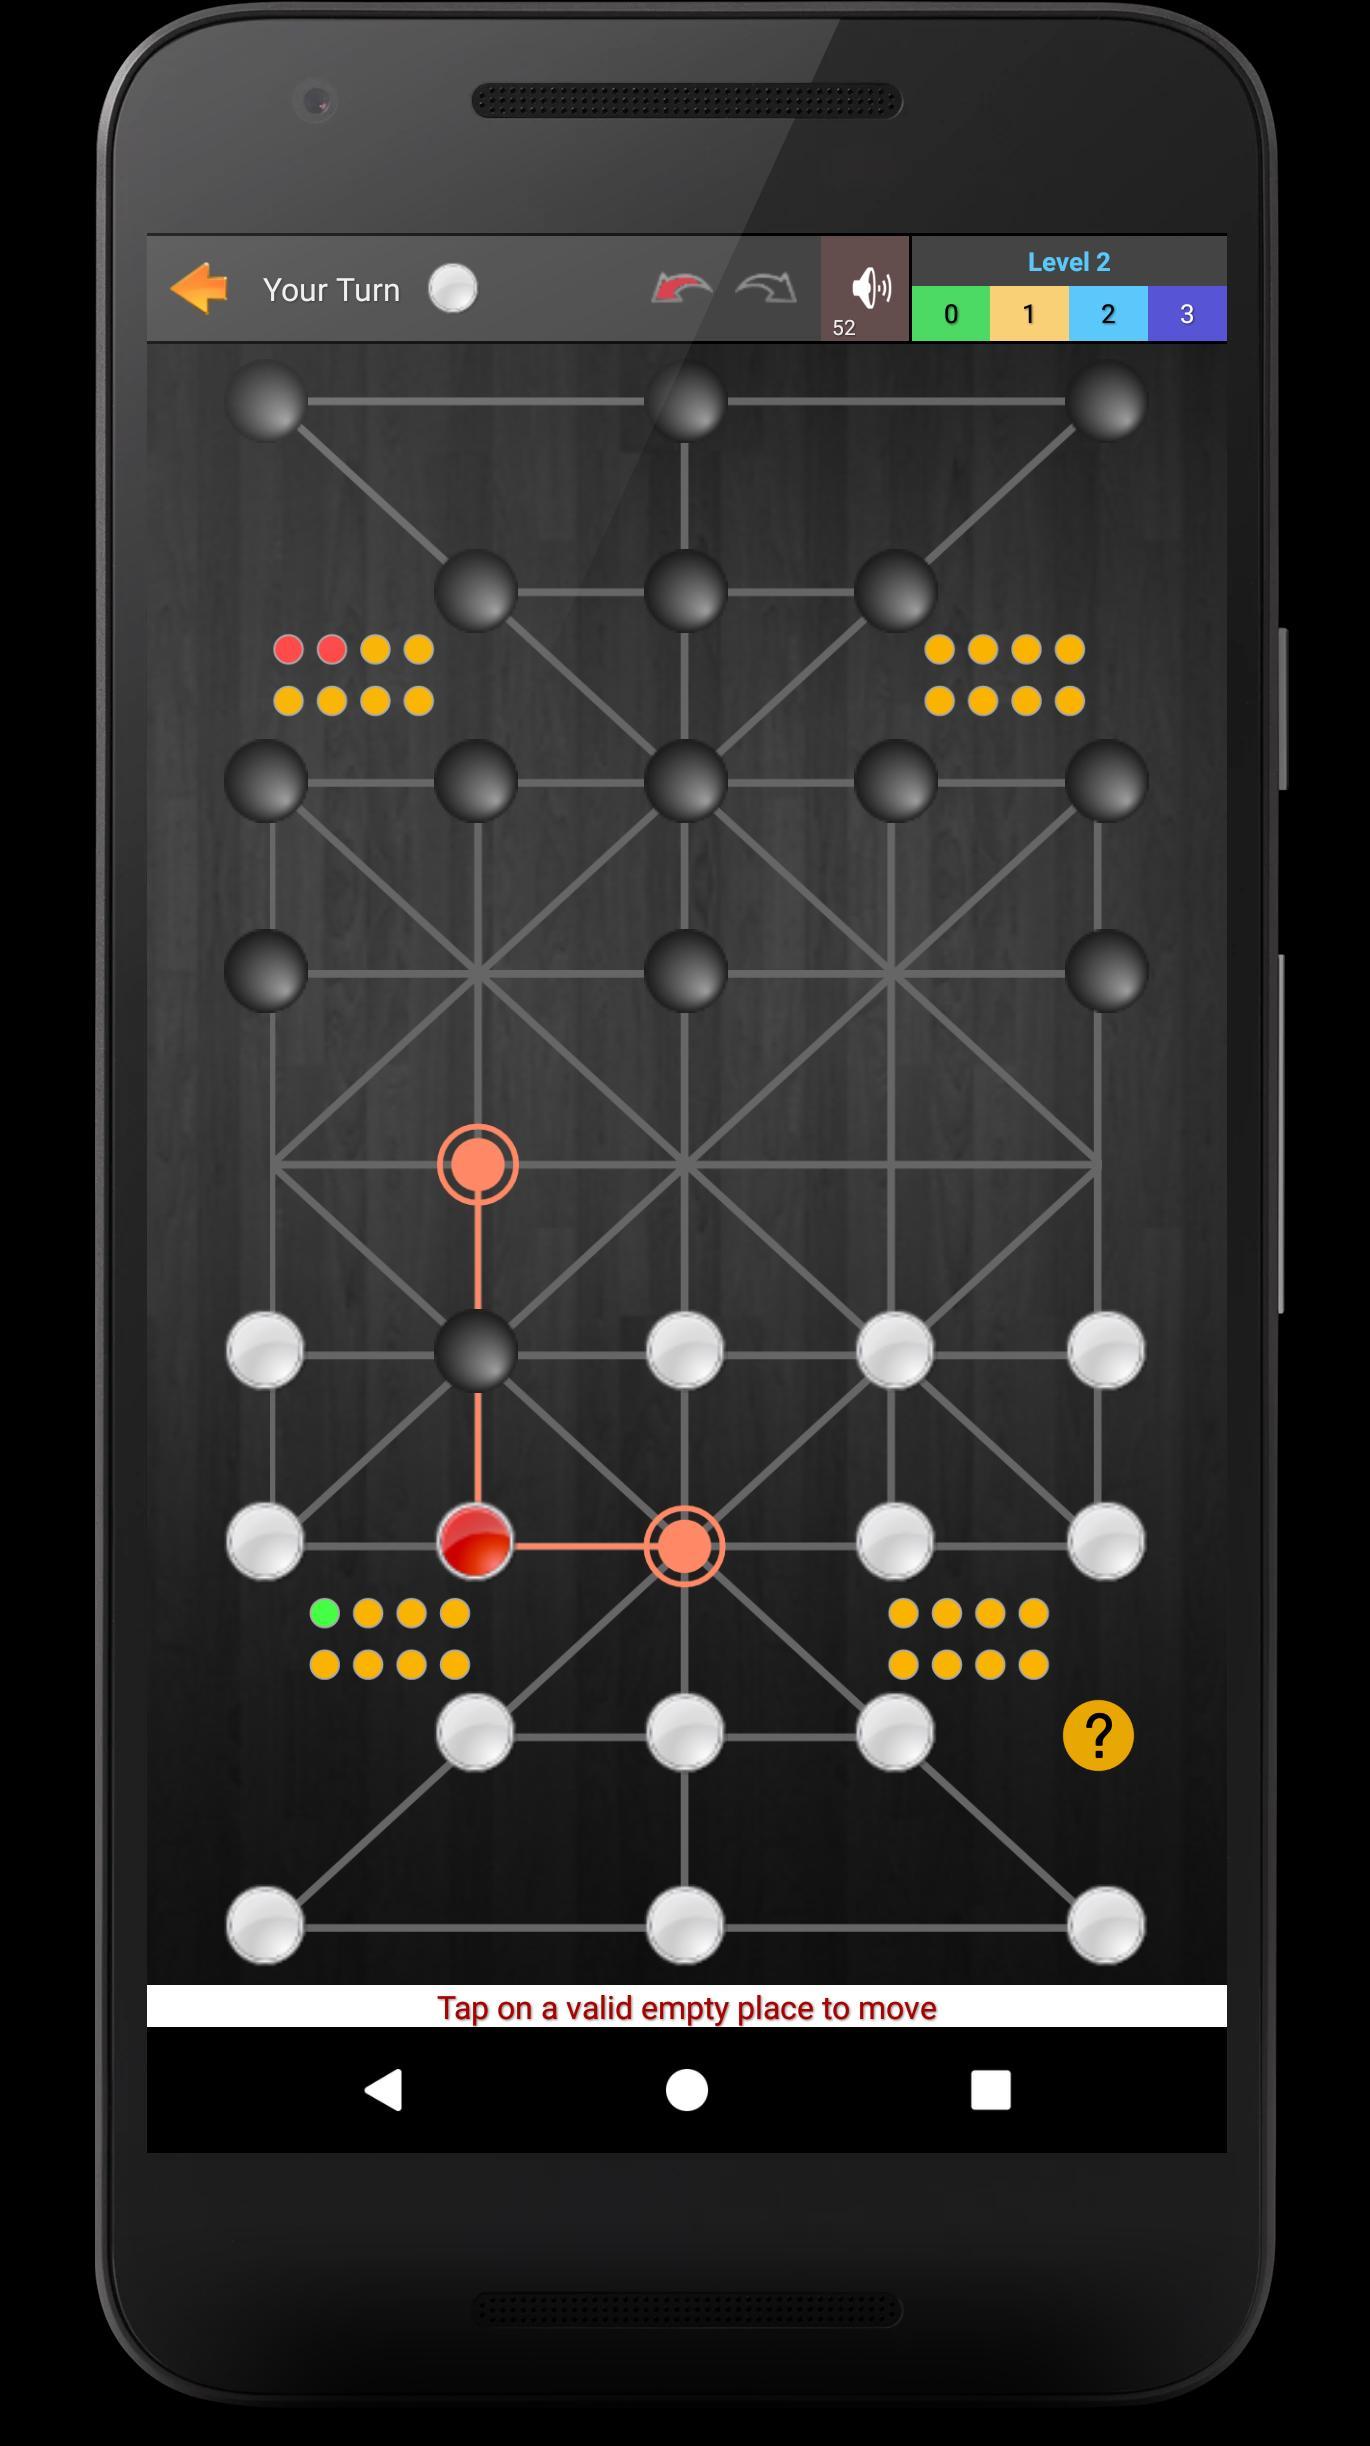 Sholo Guti 16 beads 4.3.2 Screenshot 7